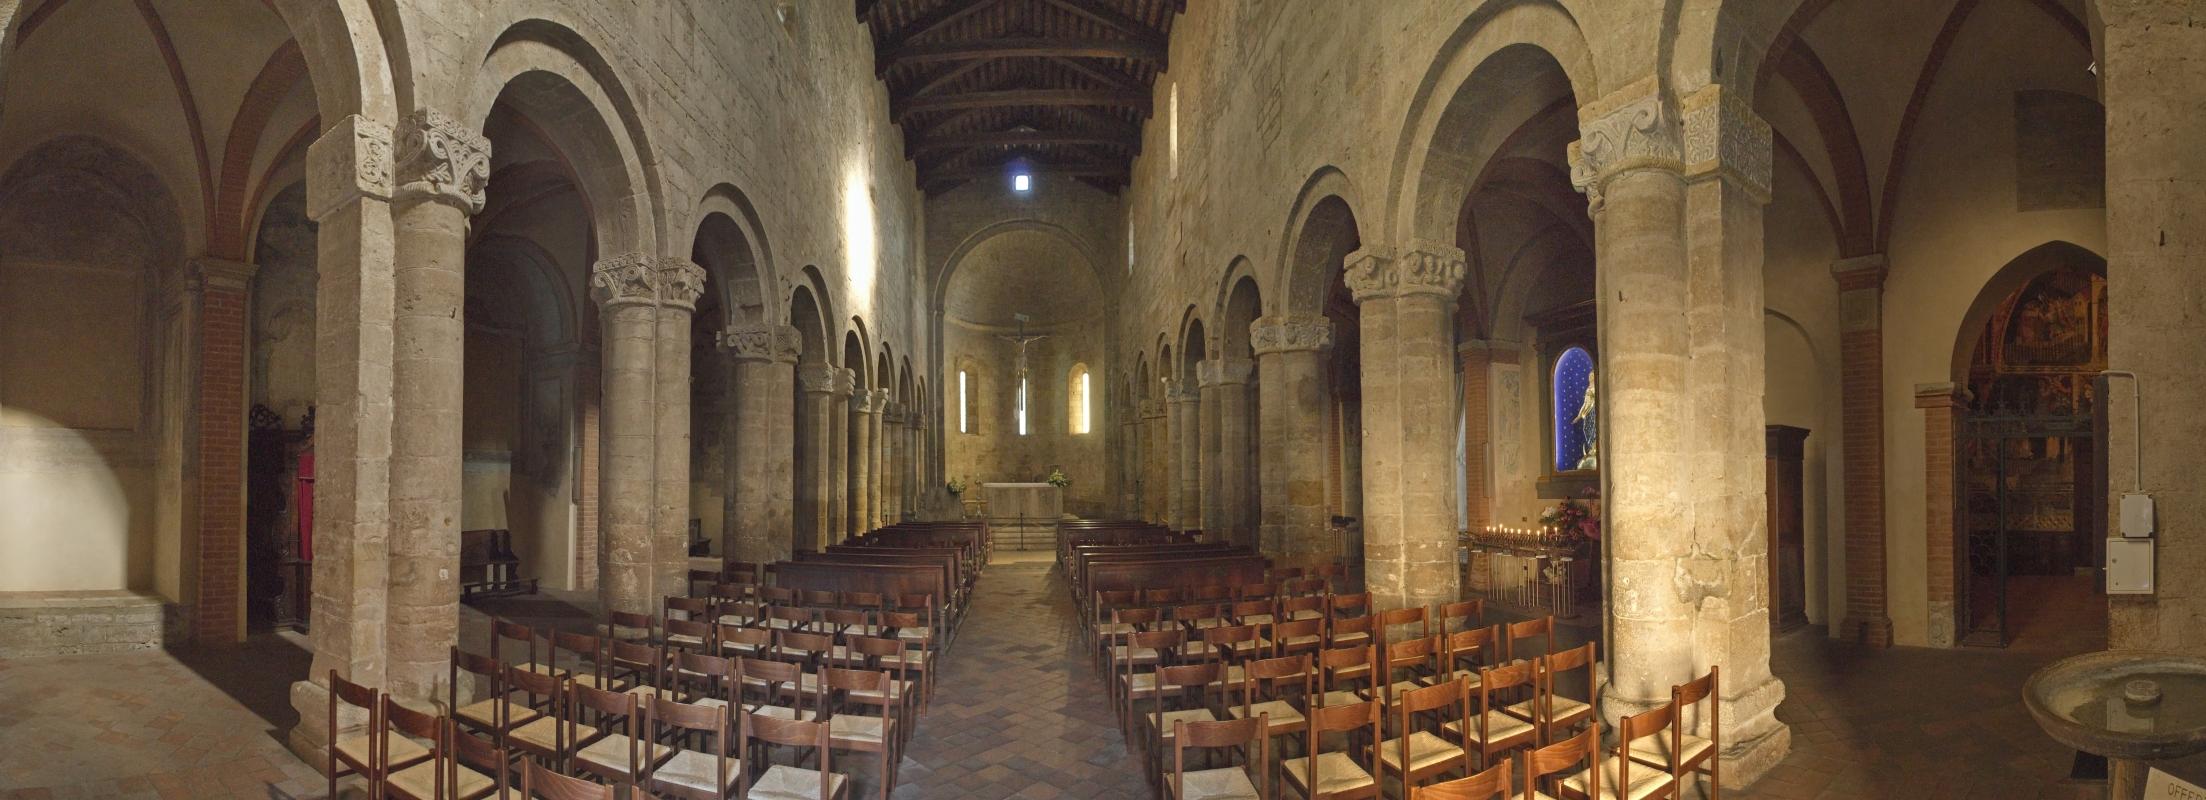 Collegiata Santa Maria, interno - Enrico Robetto - Castell'Arquato (PC)